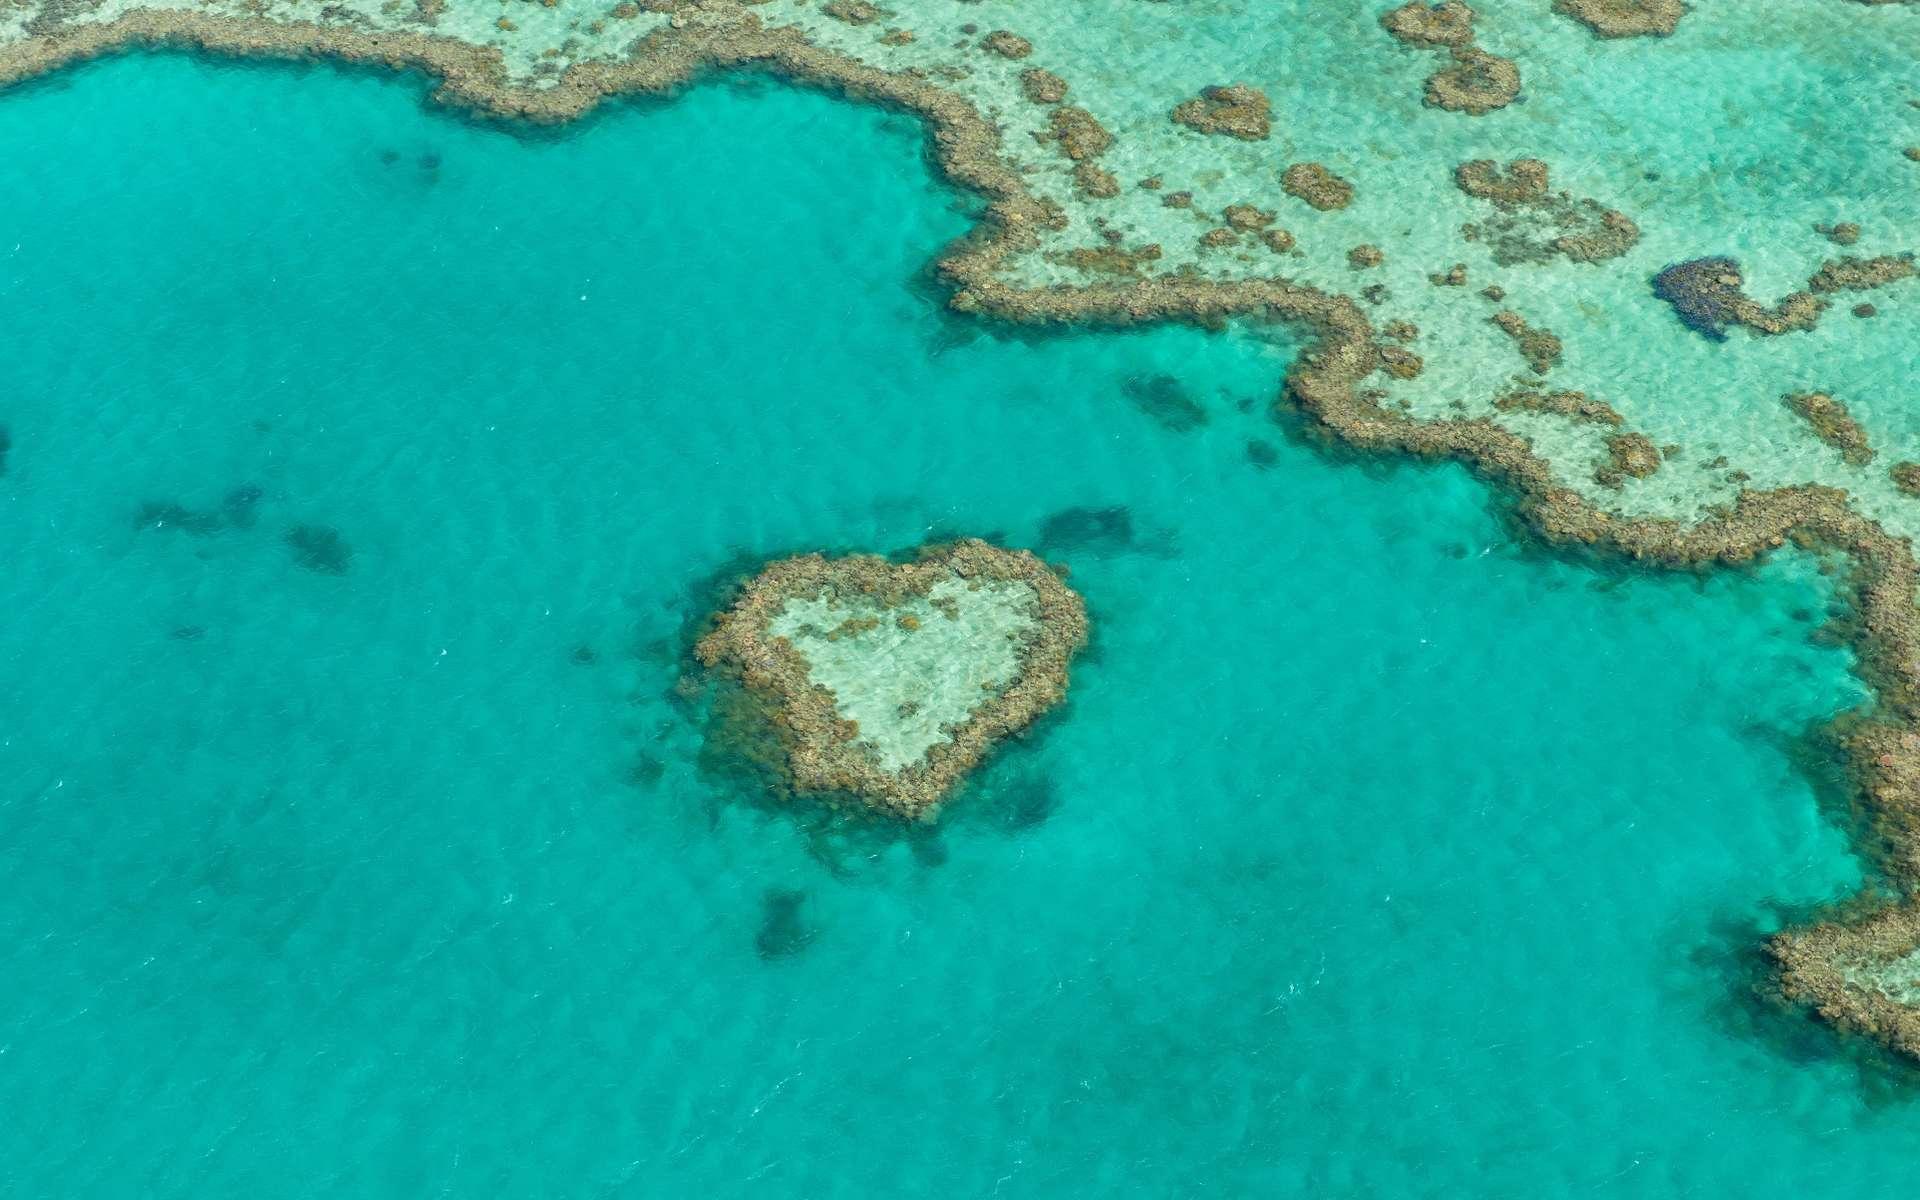 La Grande Barrière de corail, au large de l'Australie, est le plus grand récif corallien au monde. © Tomas Sykora, Shutterstock